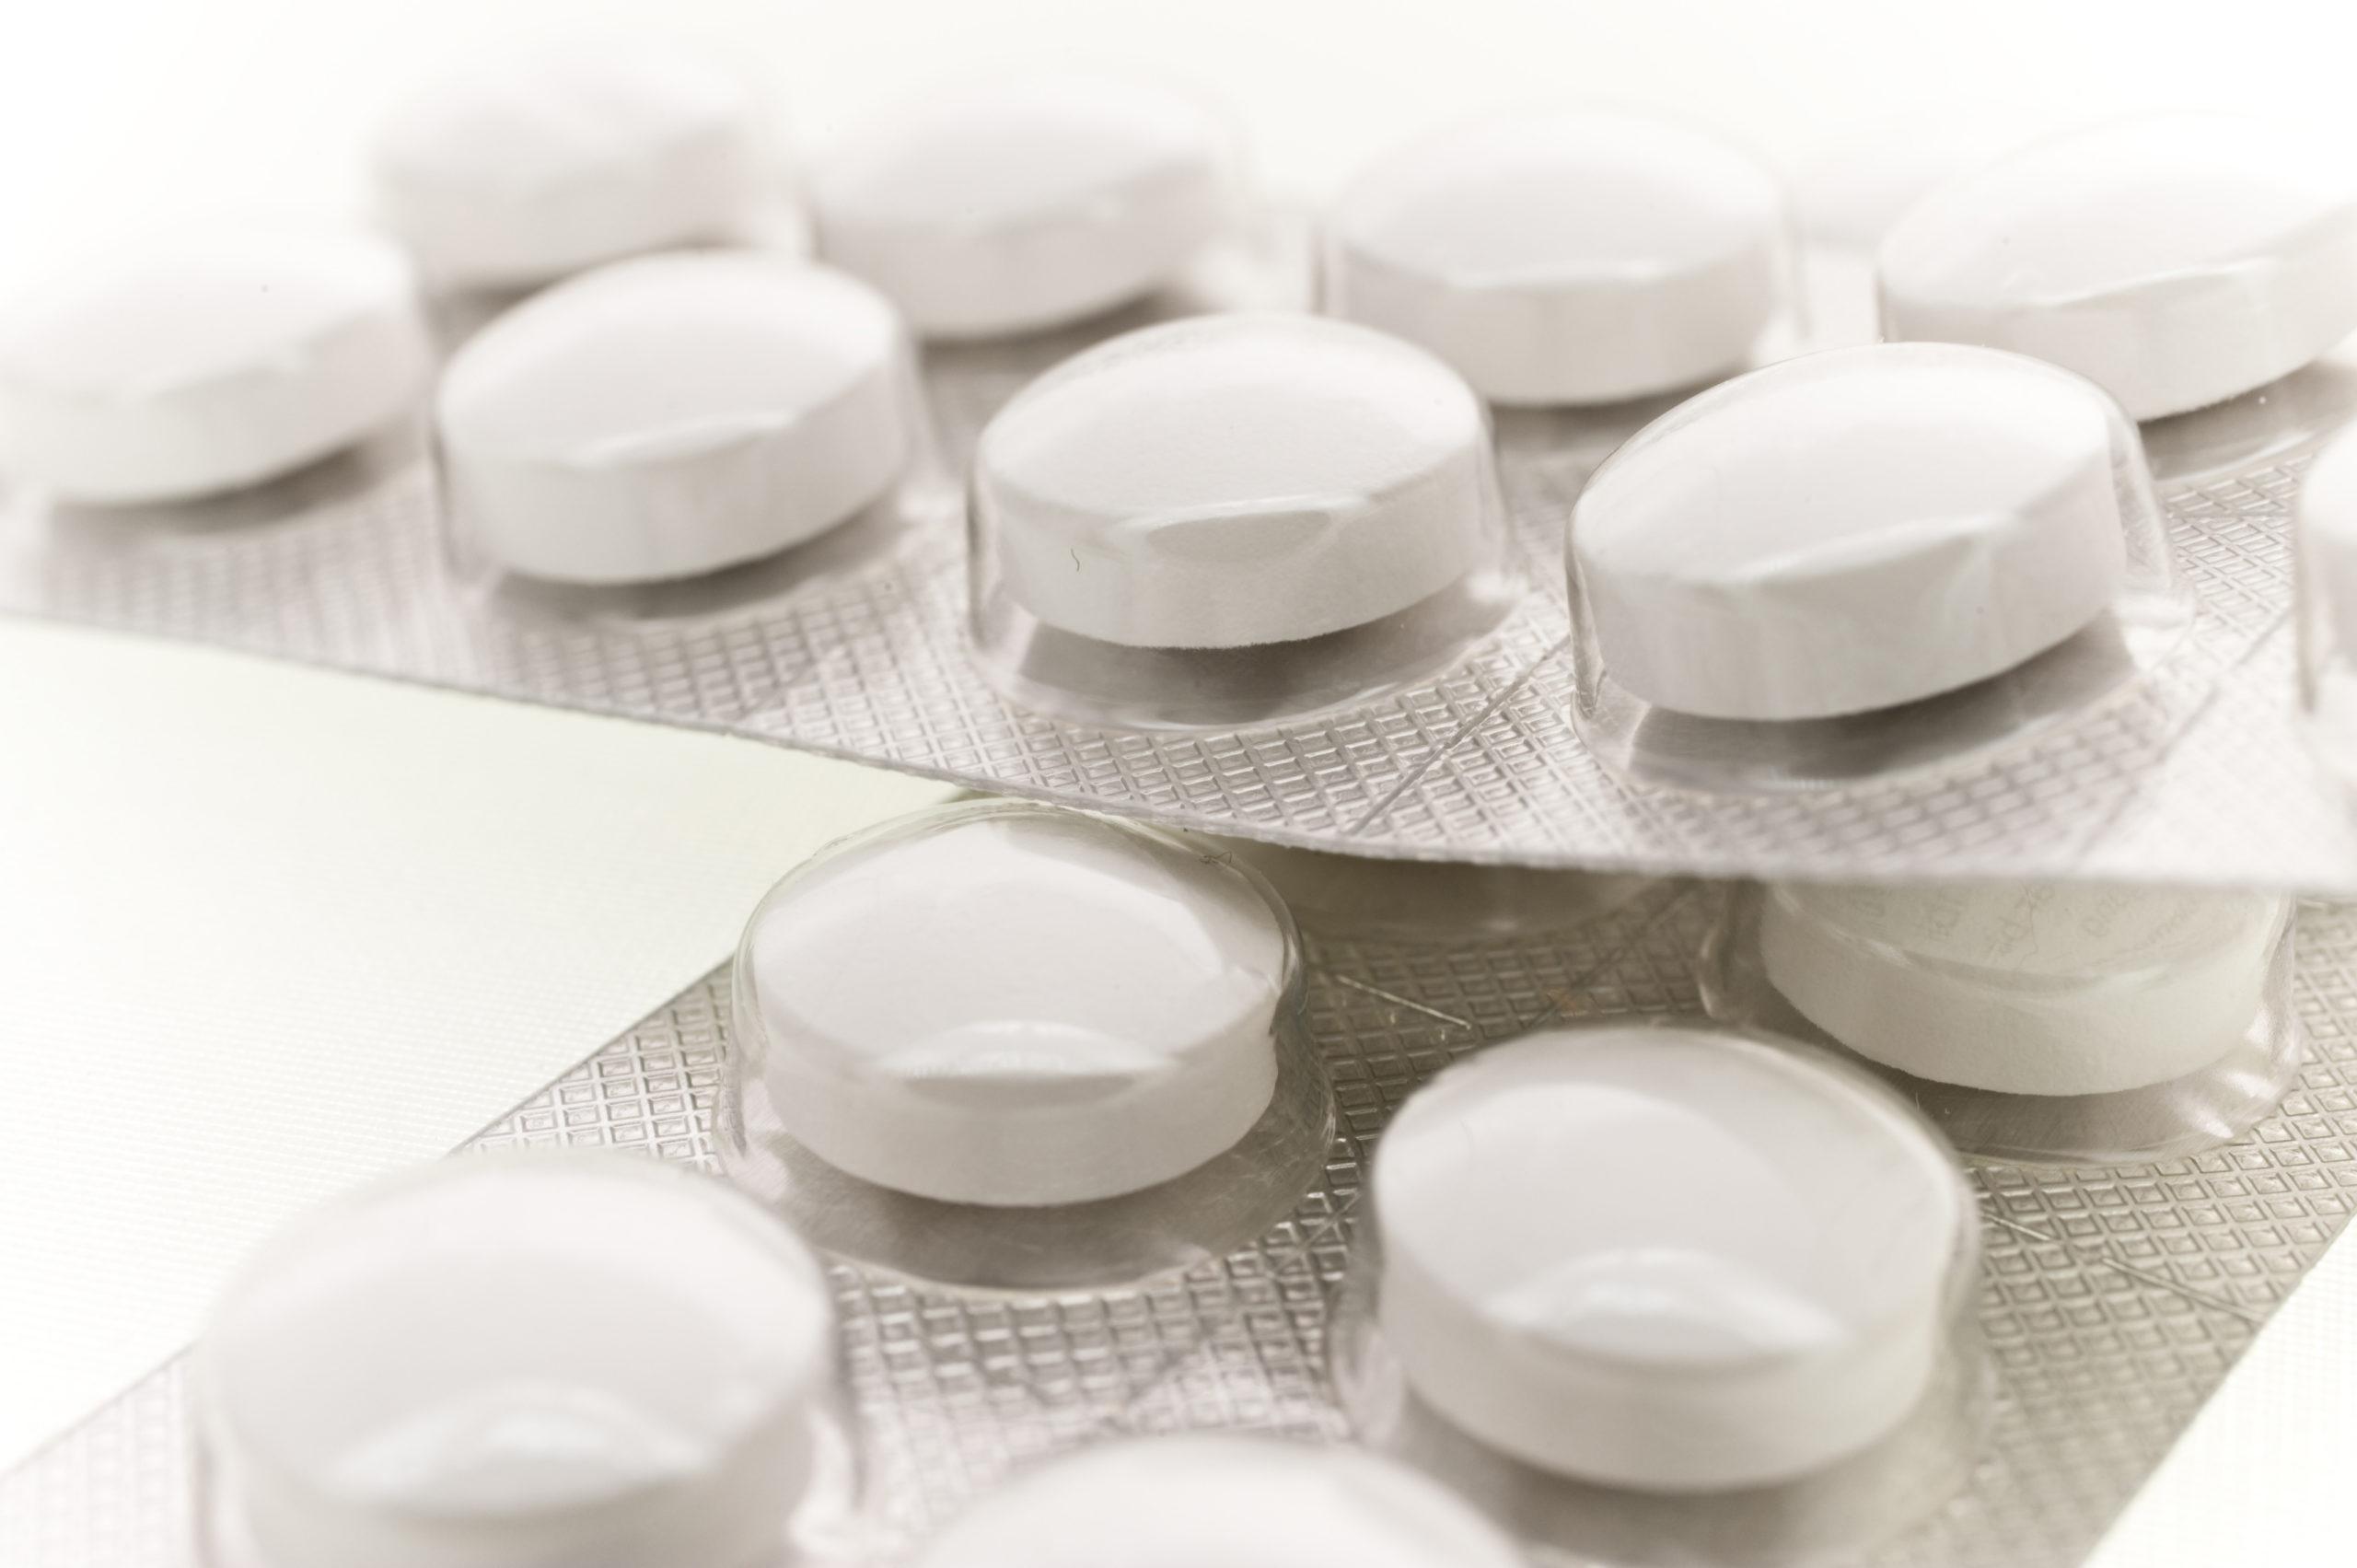 Polacy produkują lek na koronawirusa. Arechin pierwszym zatwierdzonym lekiem wspomagającym w zakażeniu koronawirusem